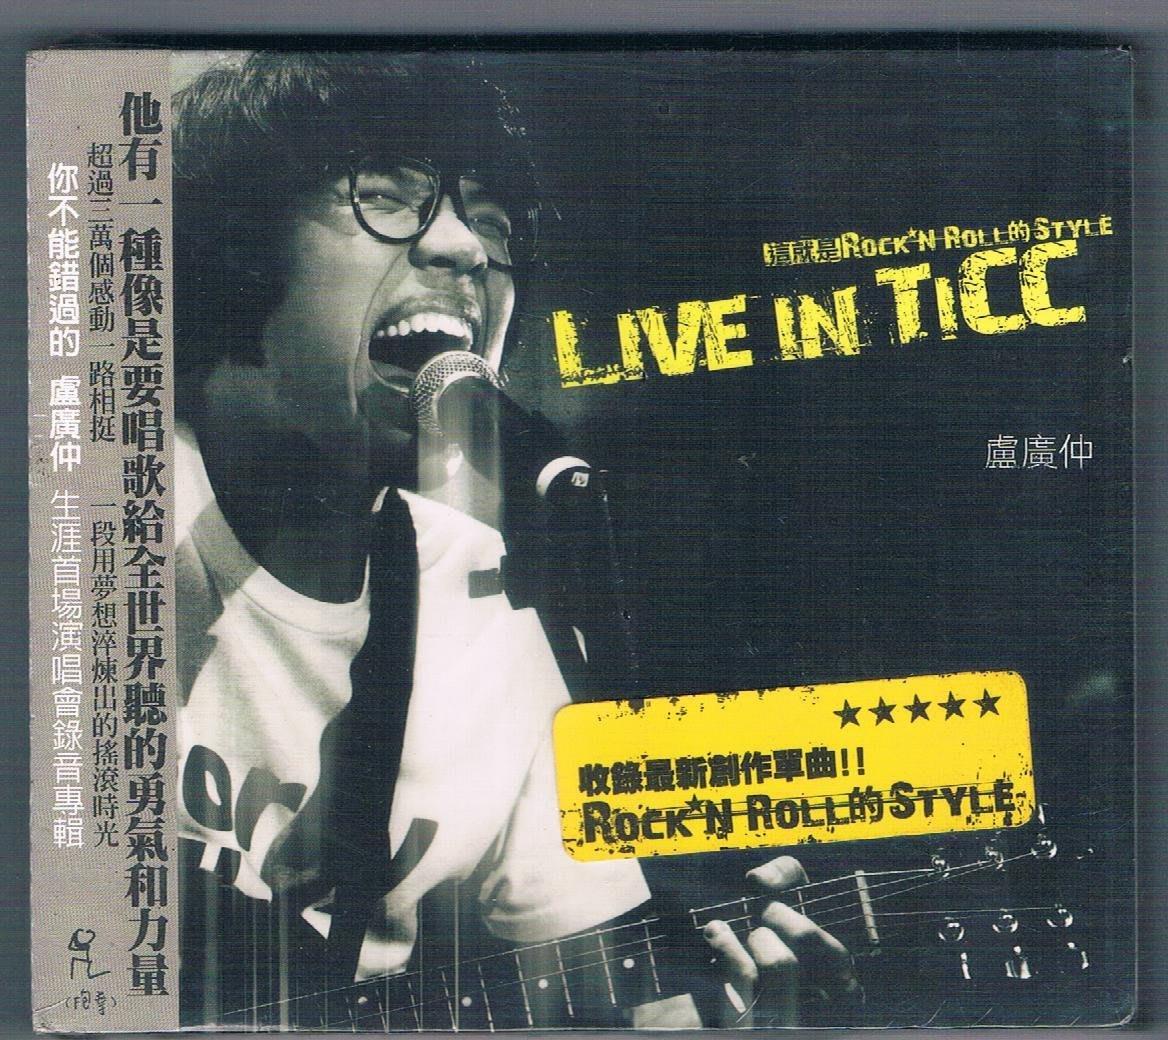 [鑫隆音樂]國語CD-盧廣仲:LIVE IN TICC這就是ROCK (全新)免競標